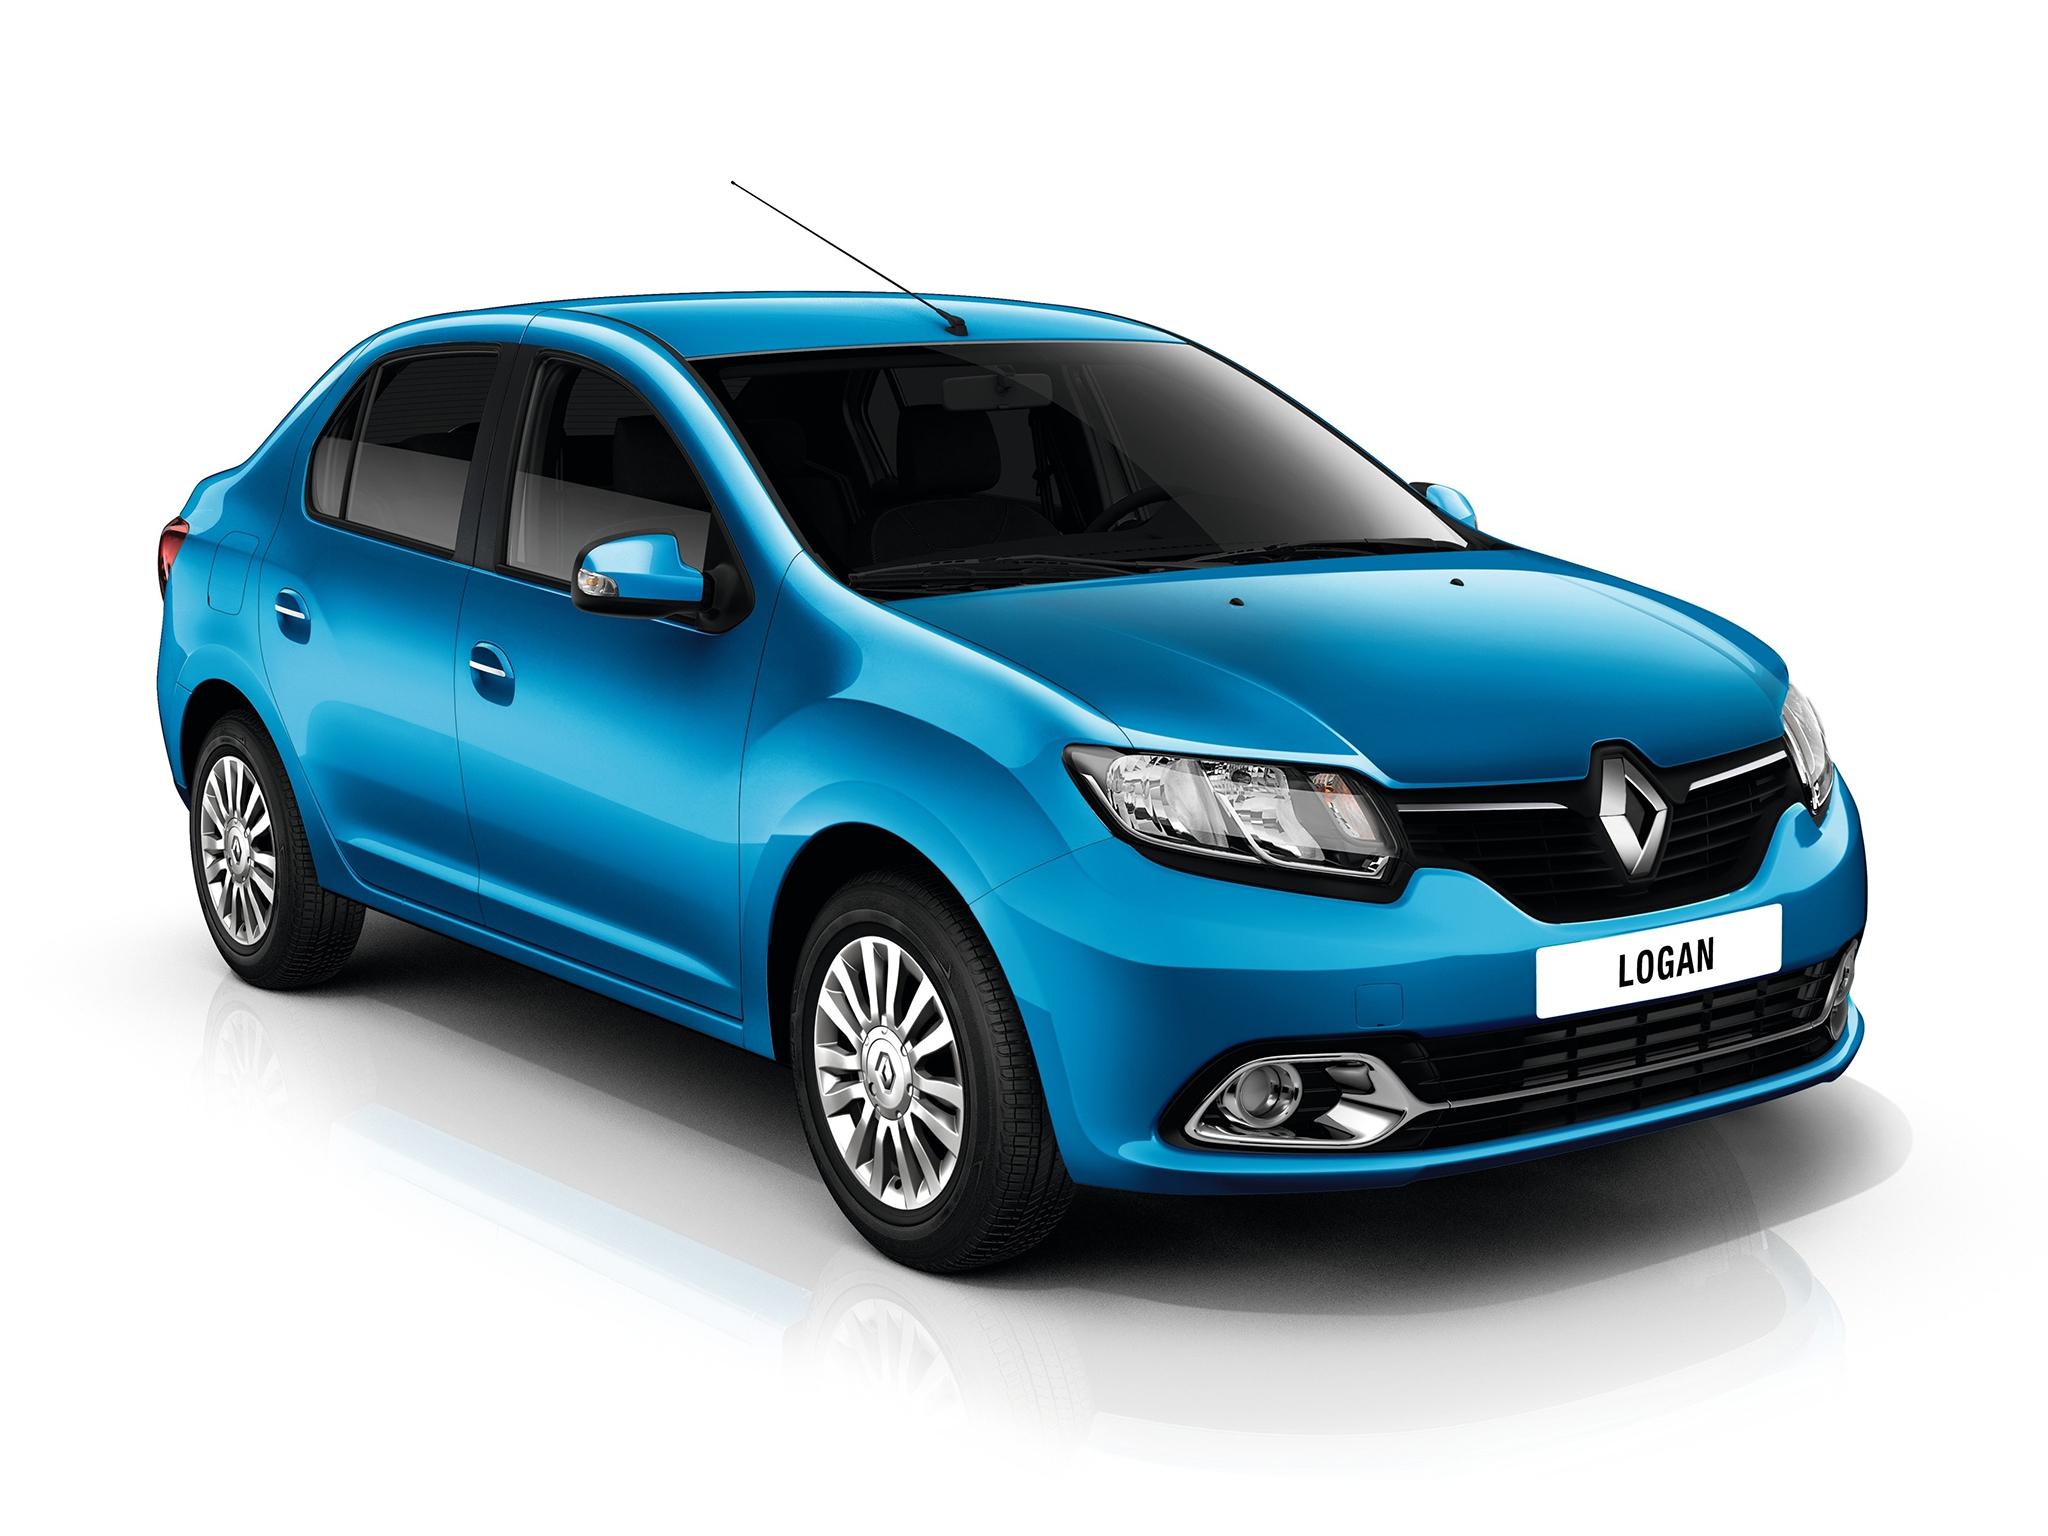 Renault_56934_ru_ru.jpg